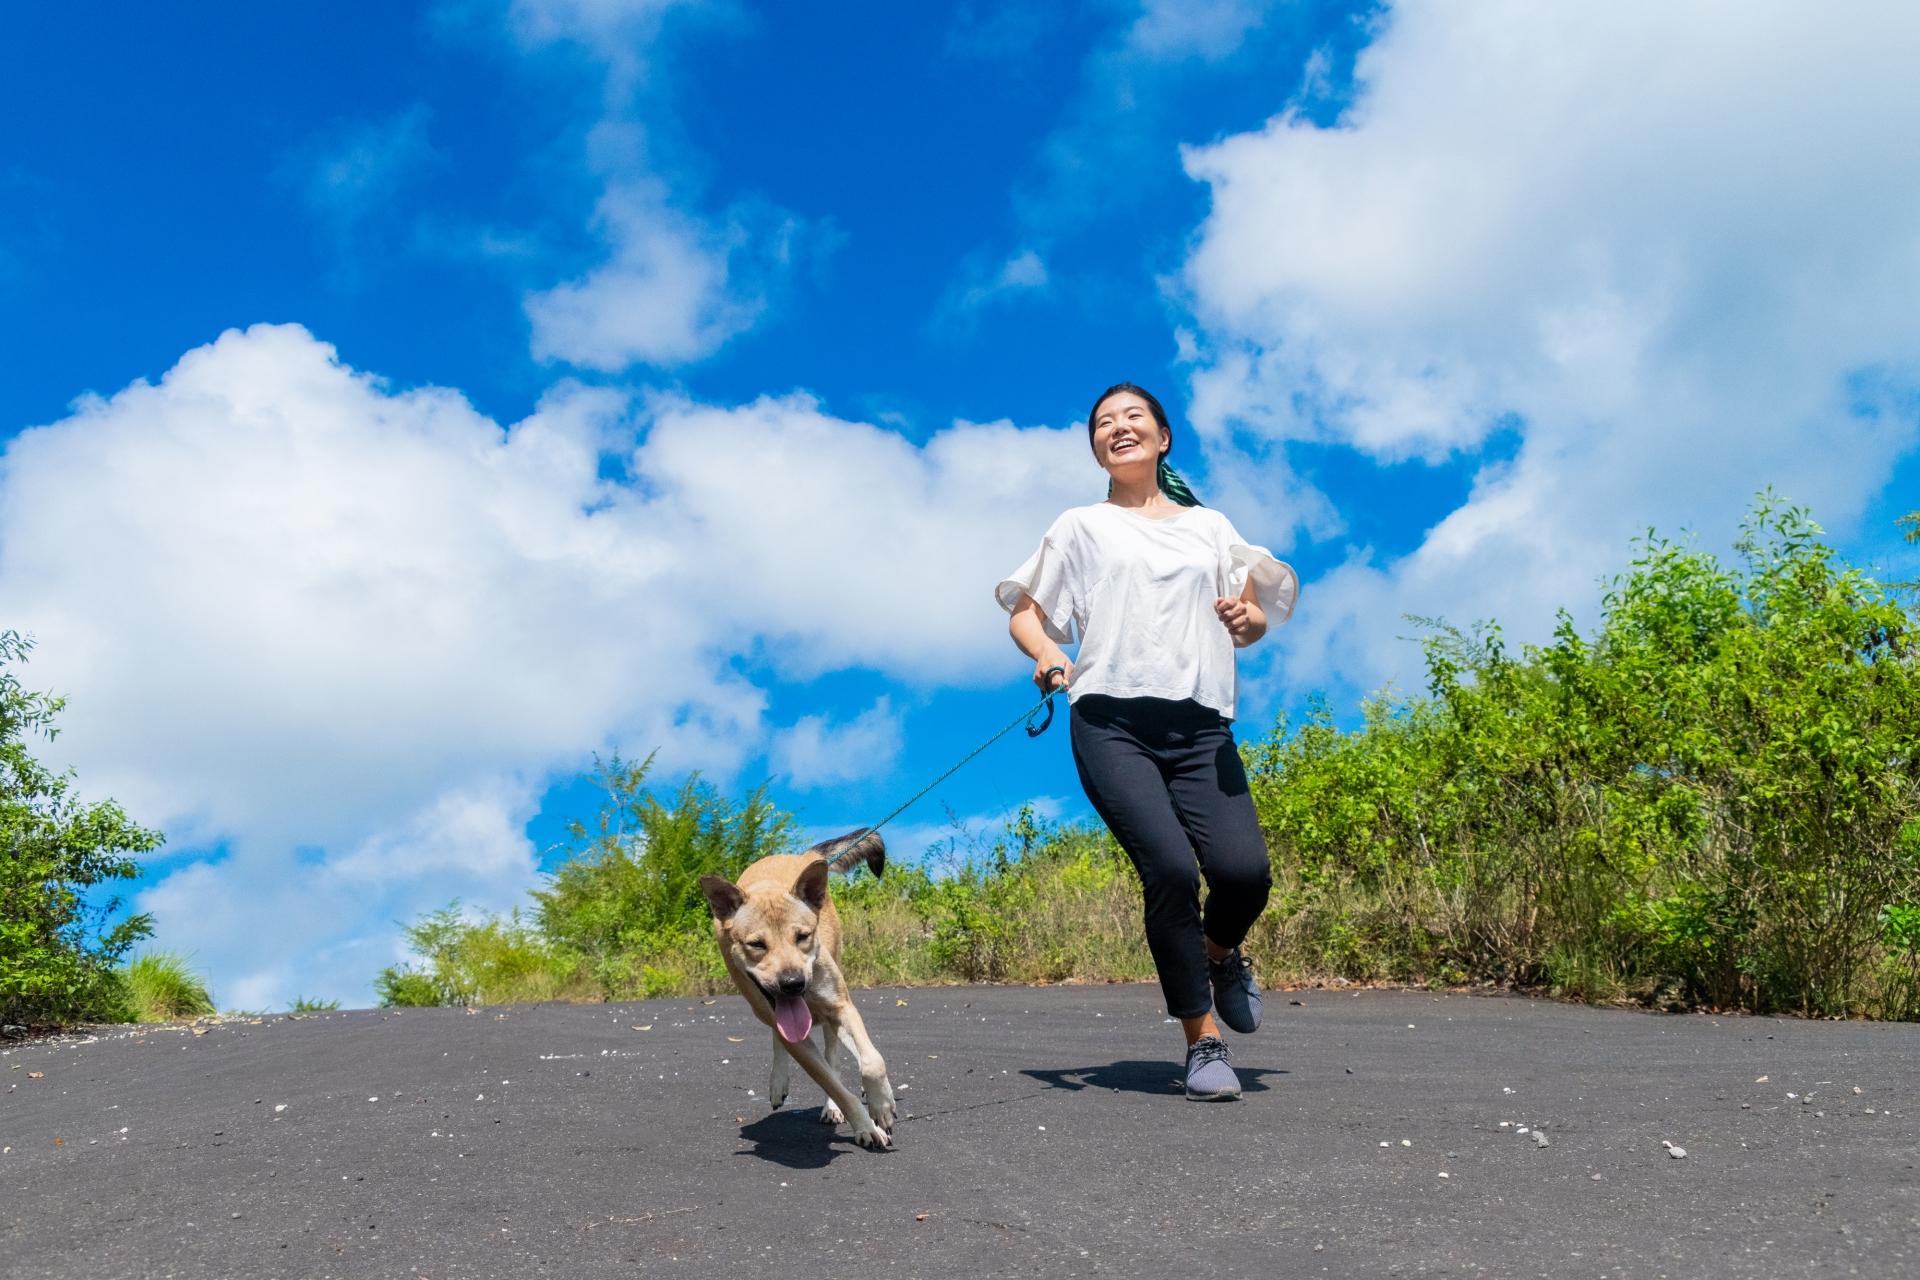 ウォーキングする女性と犬